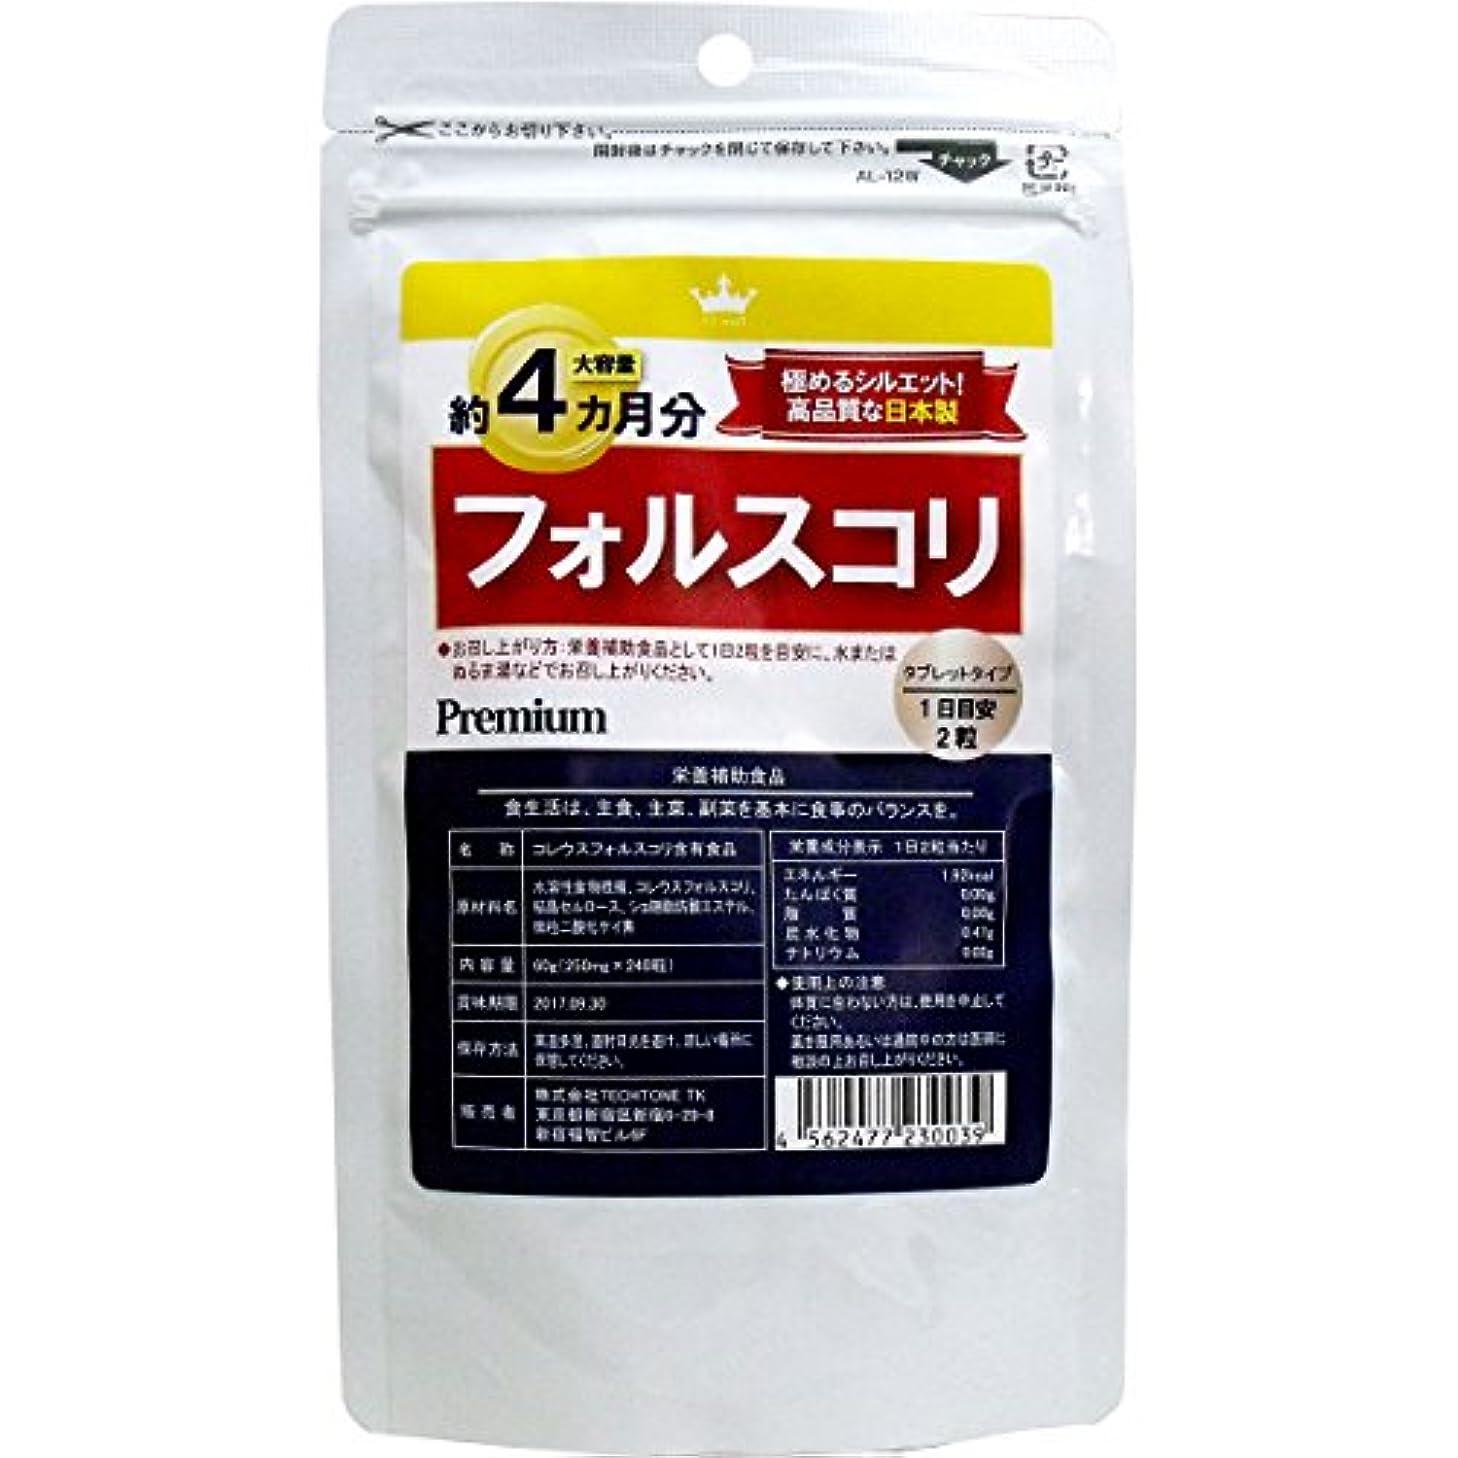 影響等々織機サプリ 高品質な日本製 話題の フォルスコリ 約4カ月分 240粒入【5個セット】